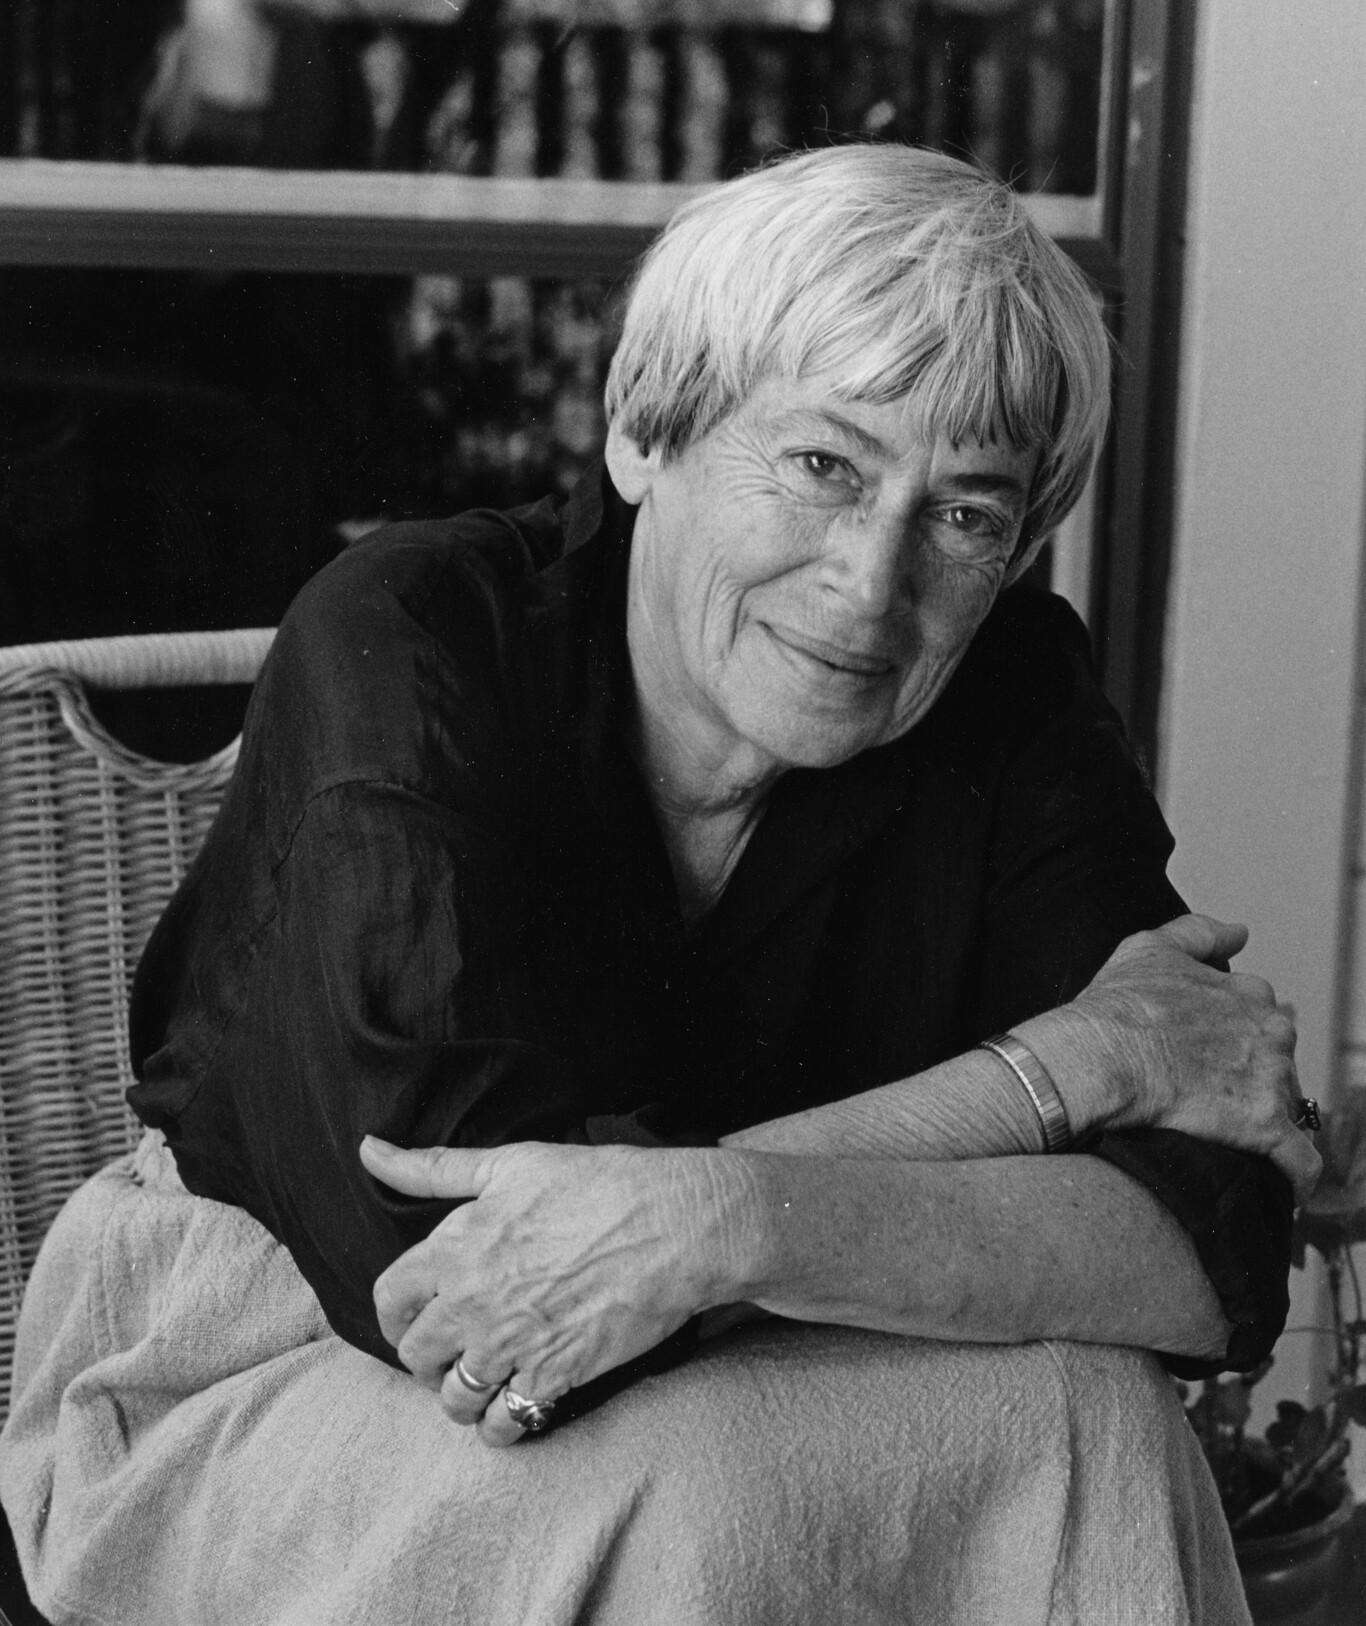 Las obras de Ursula K. Le Guin (y su transgresor punto de vista) son más relevantes que nunca